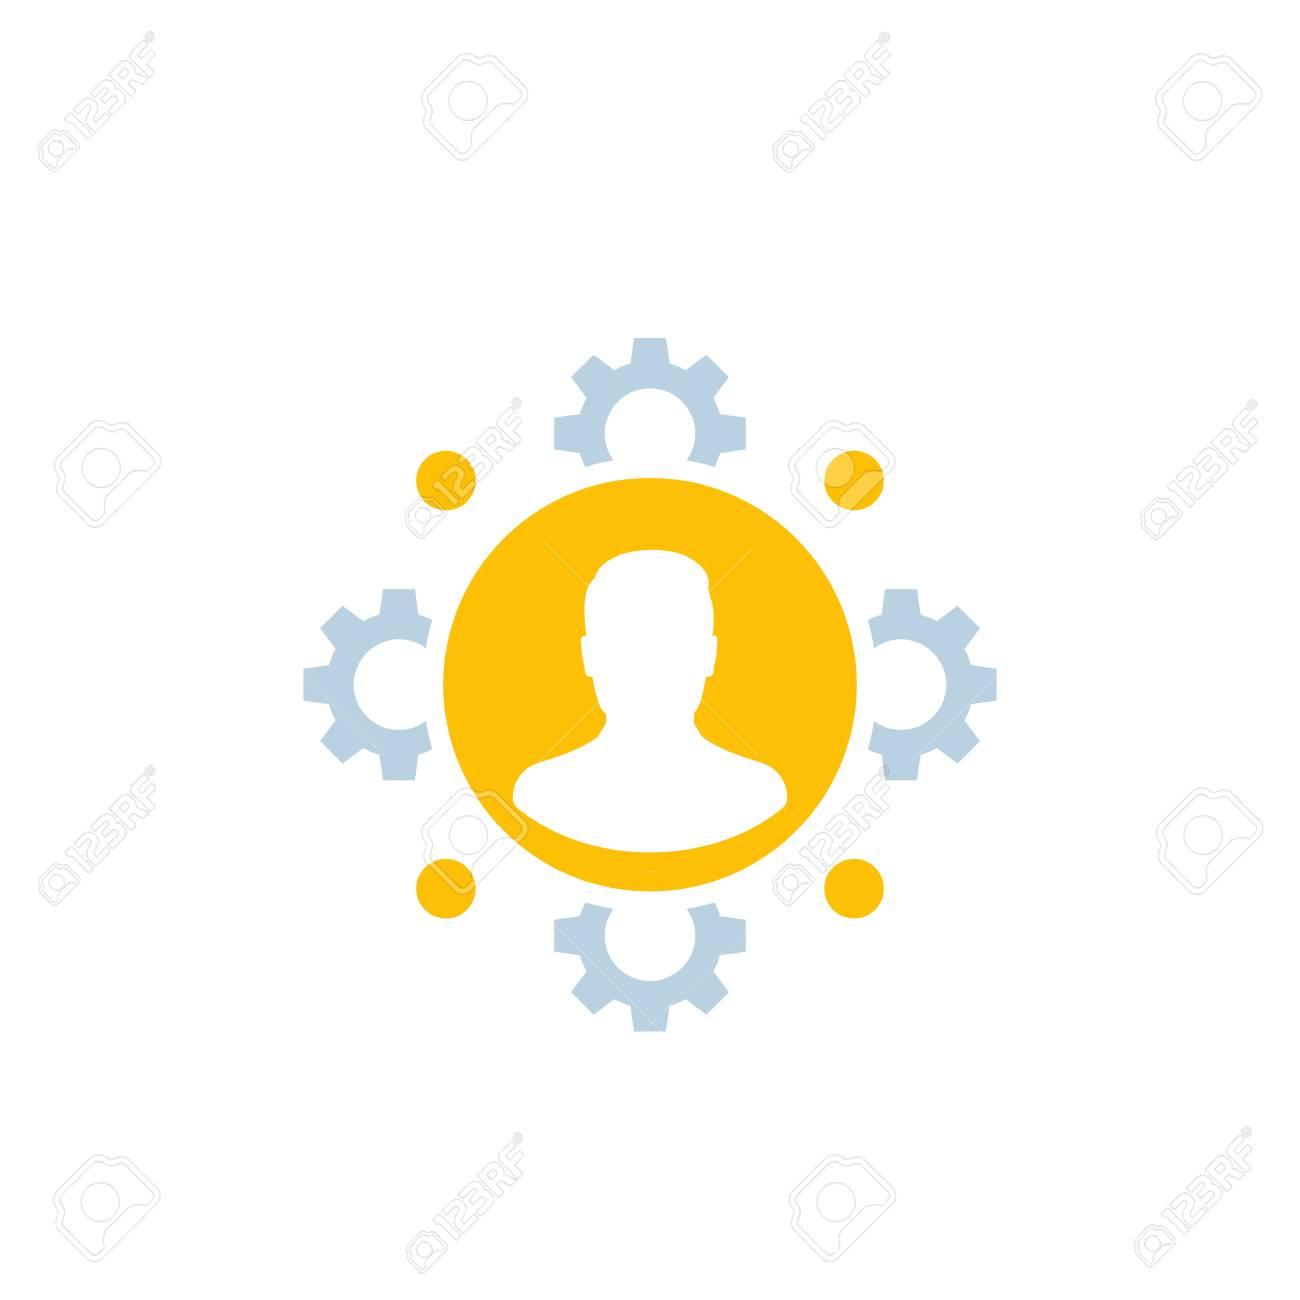 HR, human resources, staff management icon - 126783399